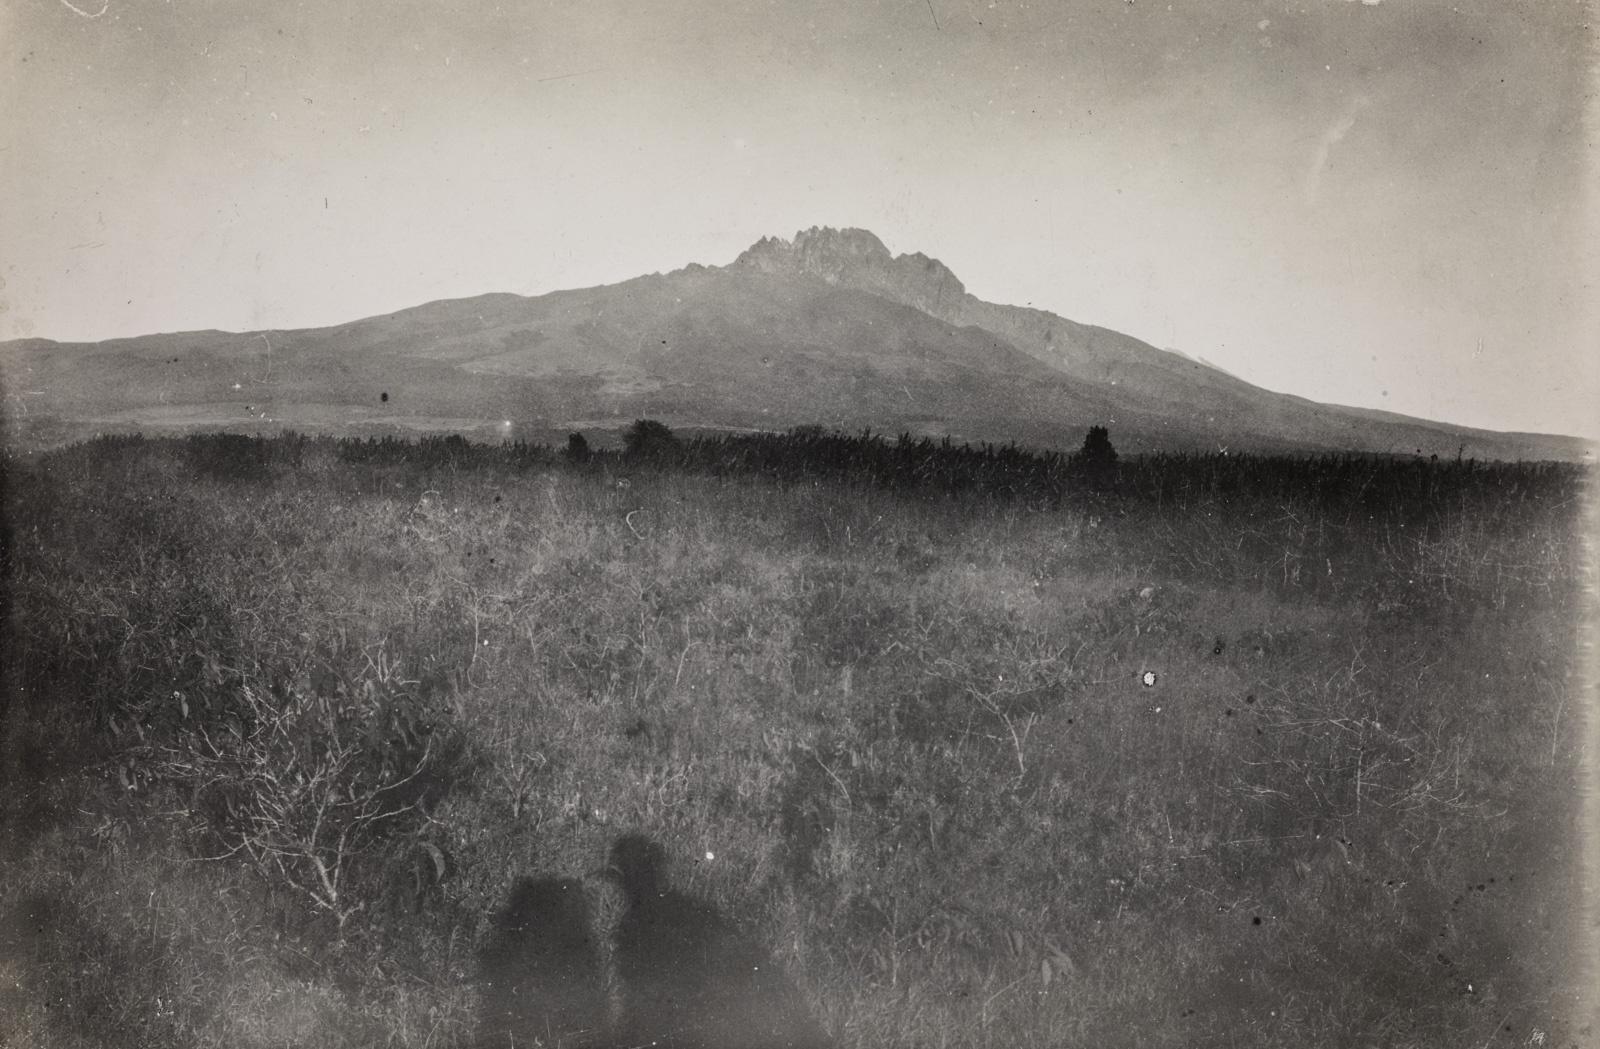 Пейзаж в окрестностях горы Килиманджаро